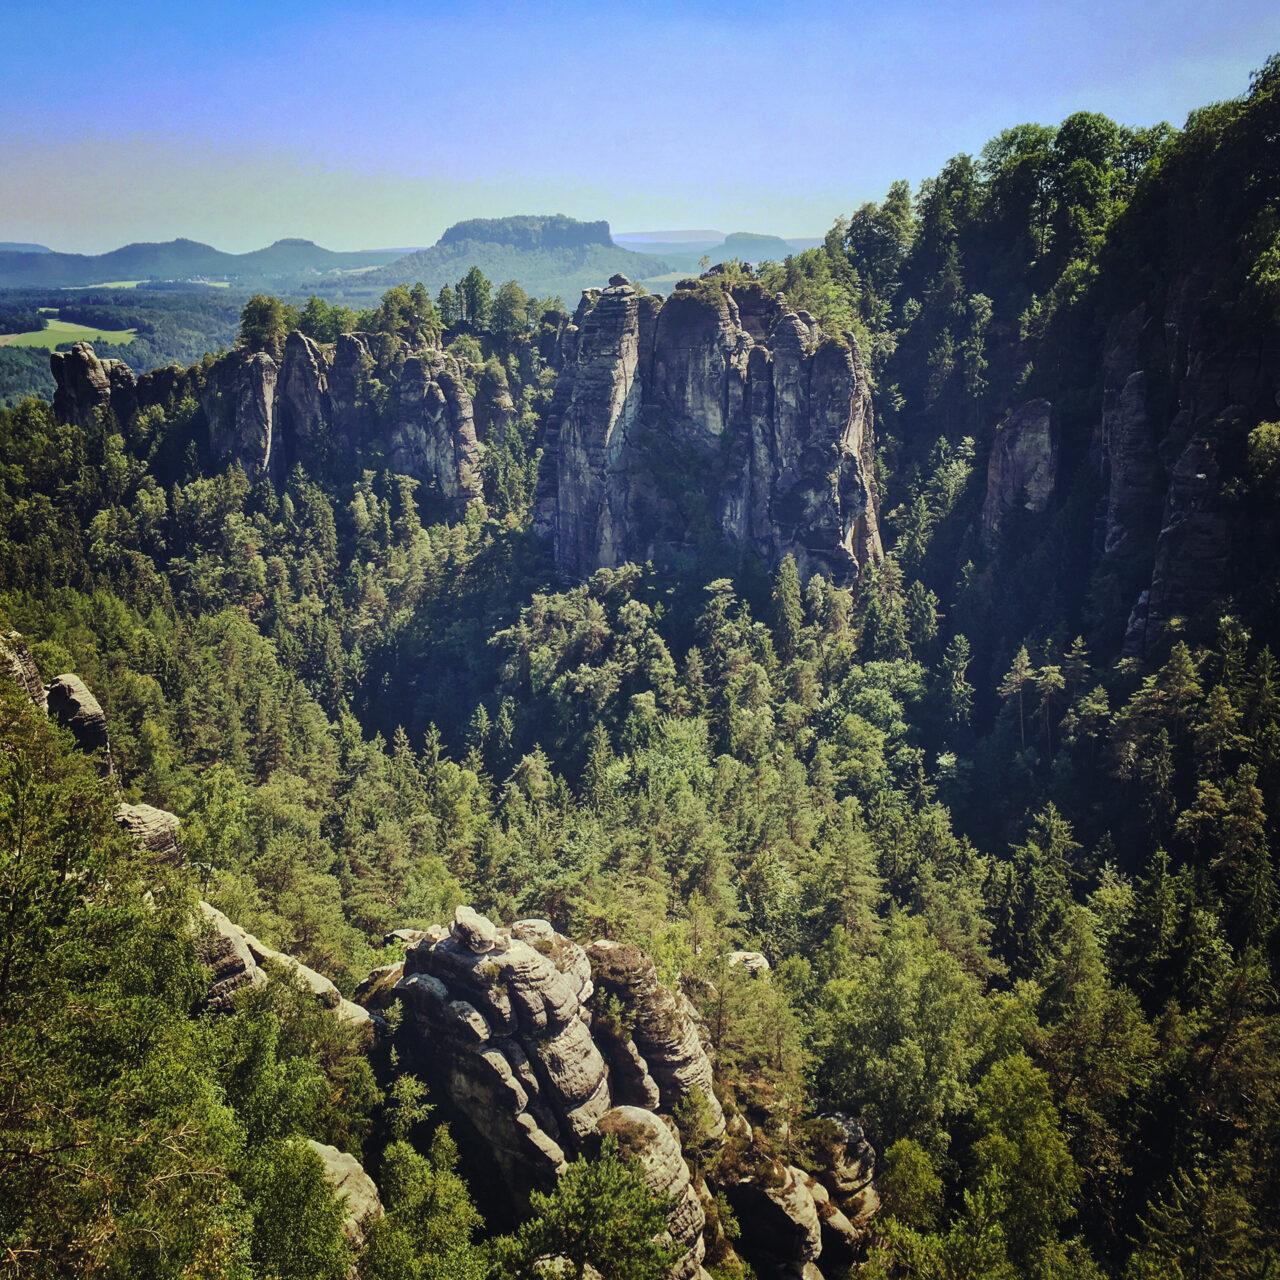 Die Felsen der Bastei sind zu jeder Jahreszeit ein wundervoller Anblick. Genau wie der Lilienstein dahinter.